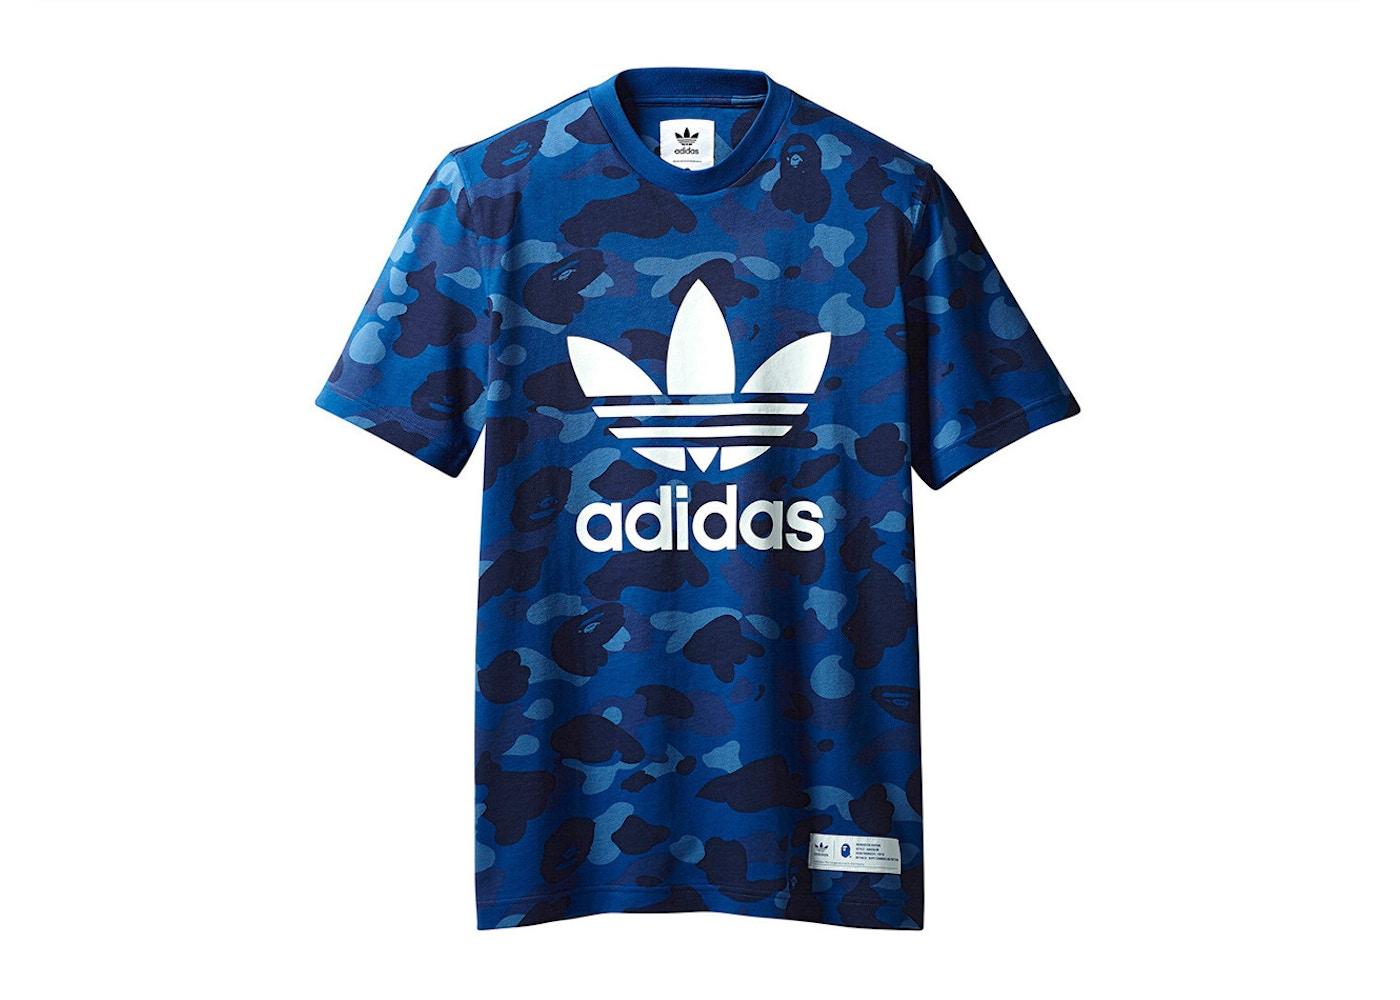 oferta especial nueva llegada comprar online BAPE x adidas adicolor Tee Blue - FW18